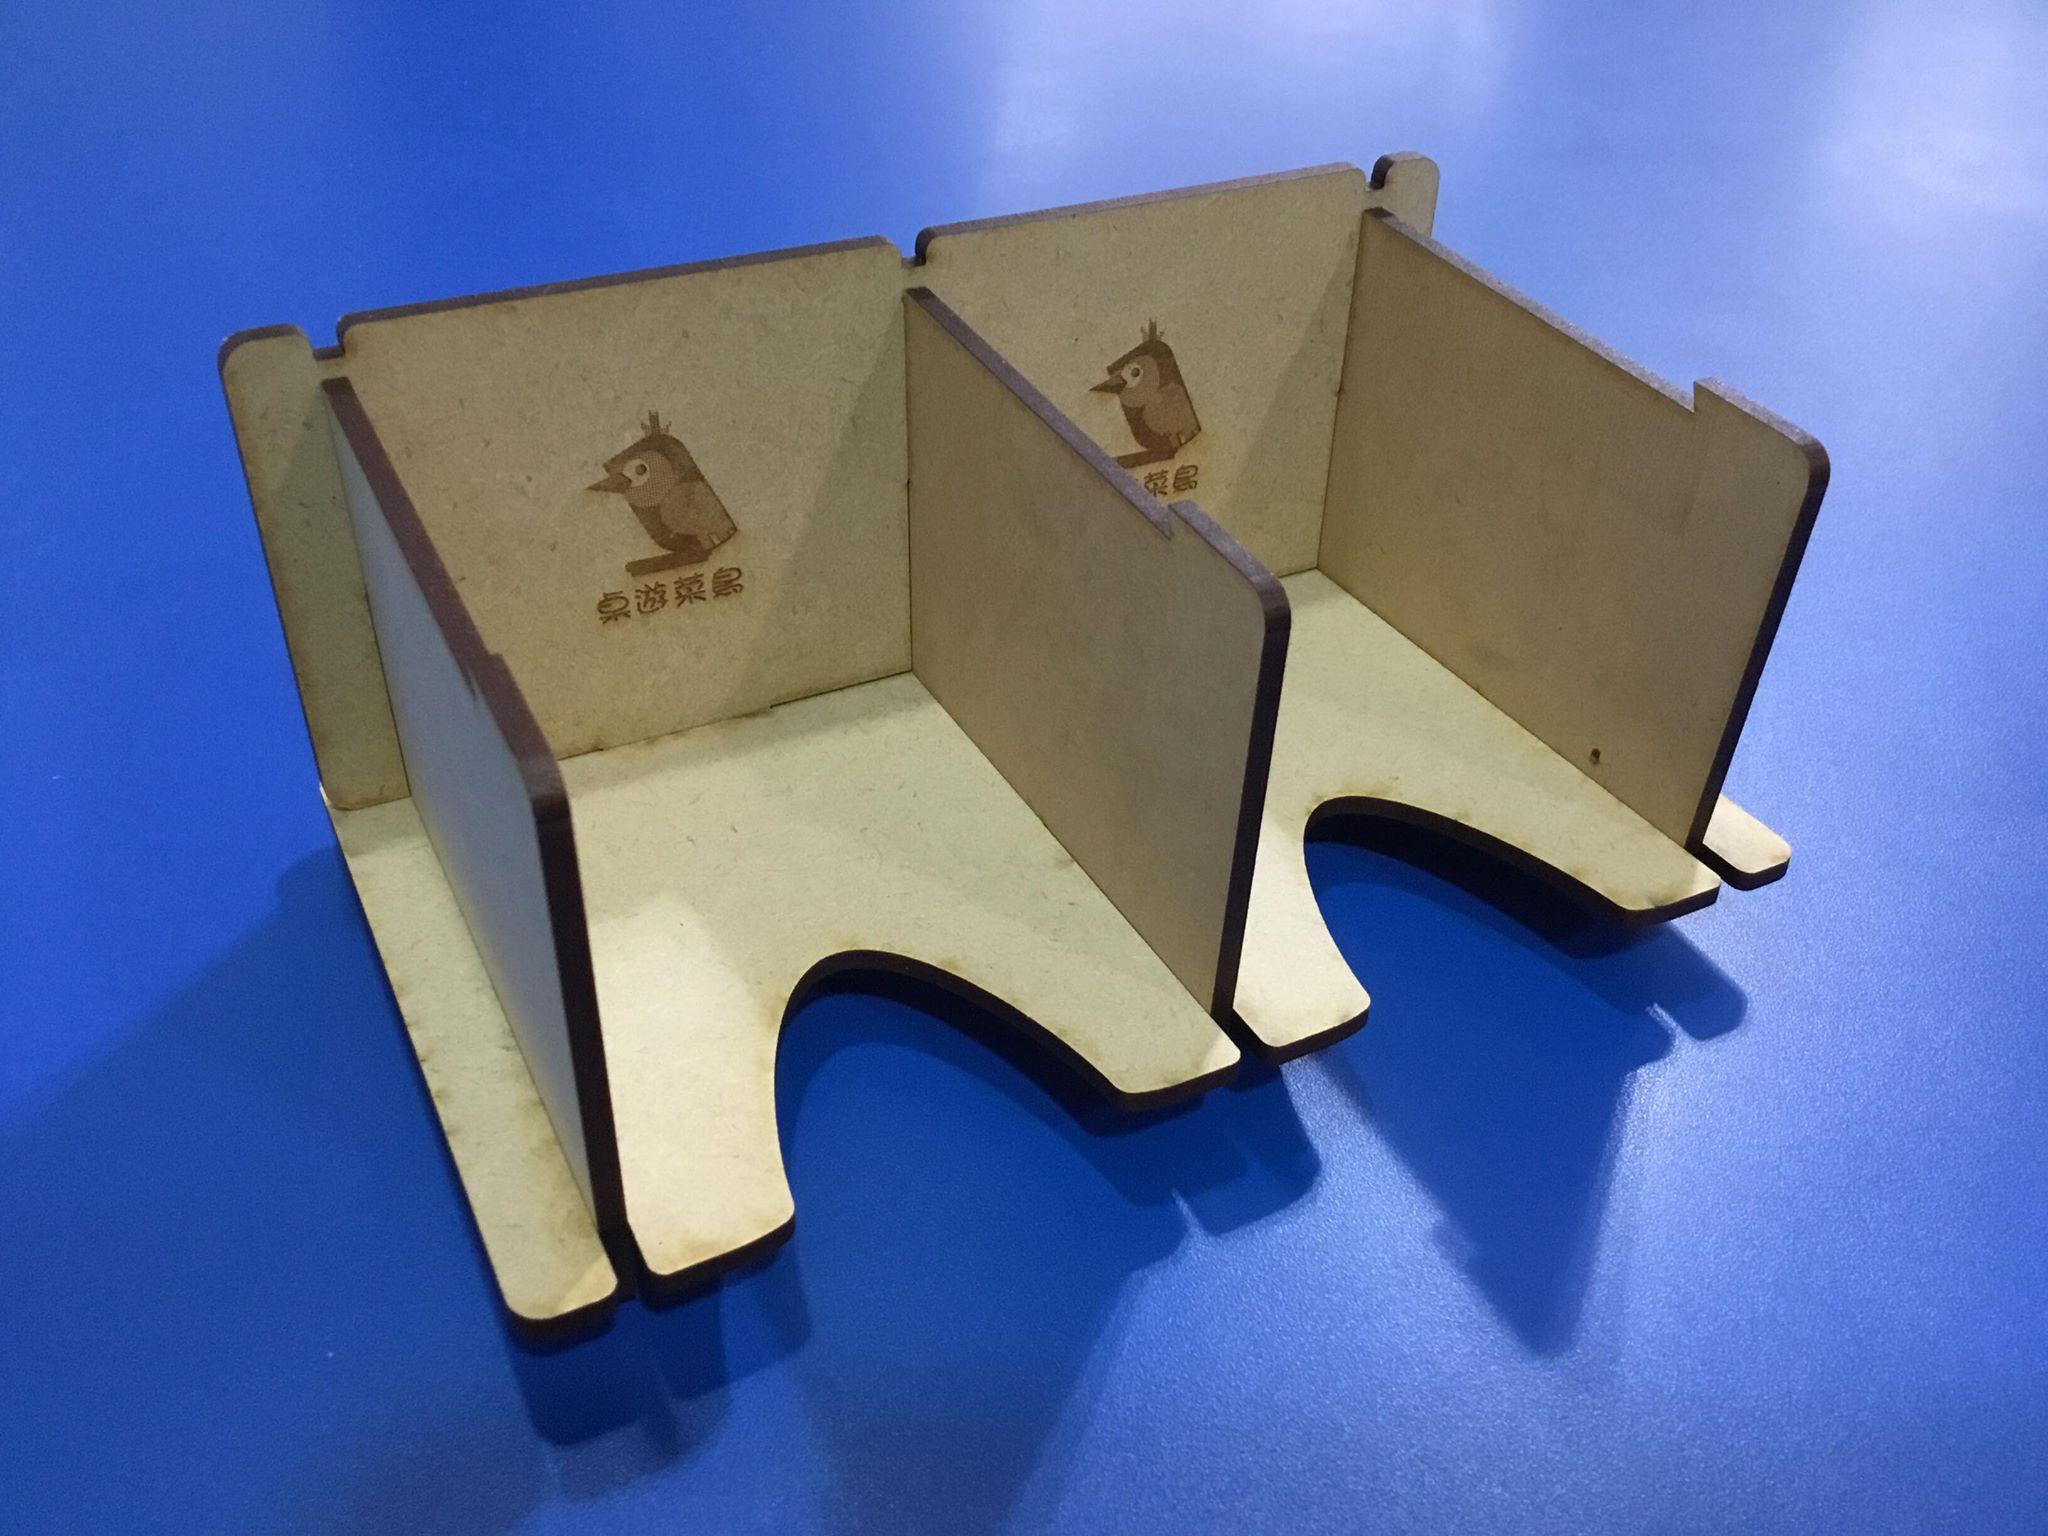 桌遊菜鳥兩格堆疊式牌架